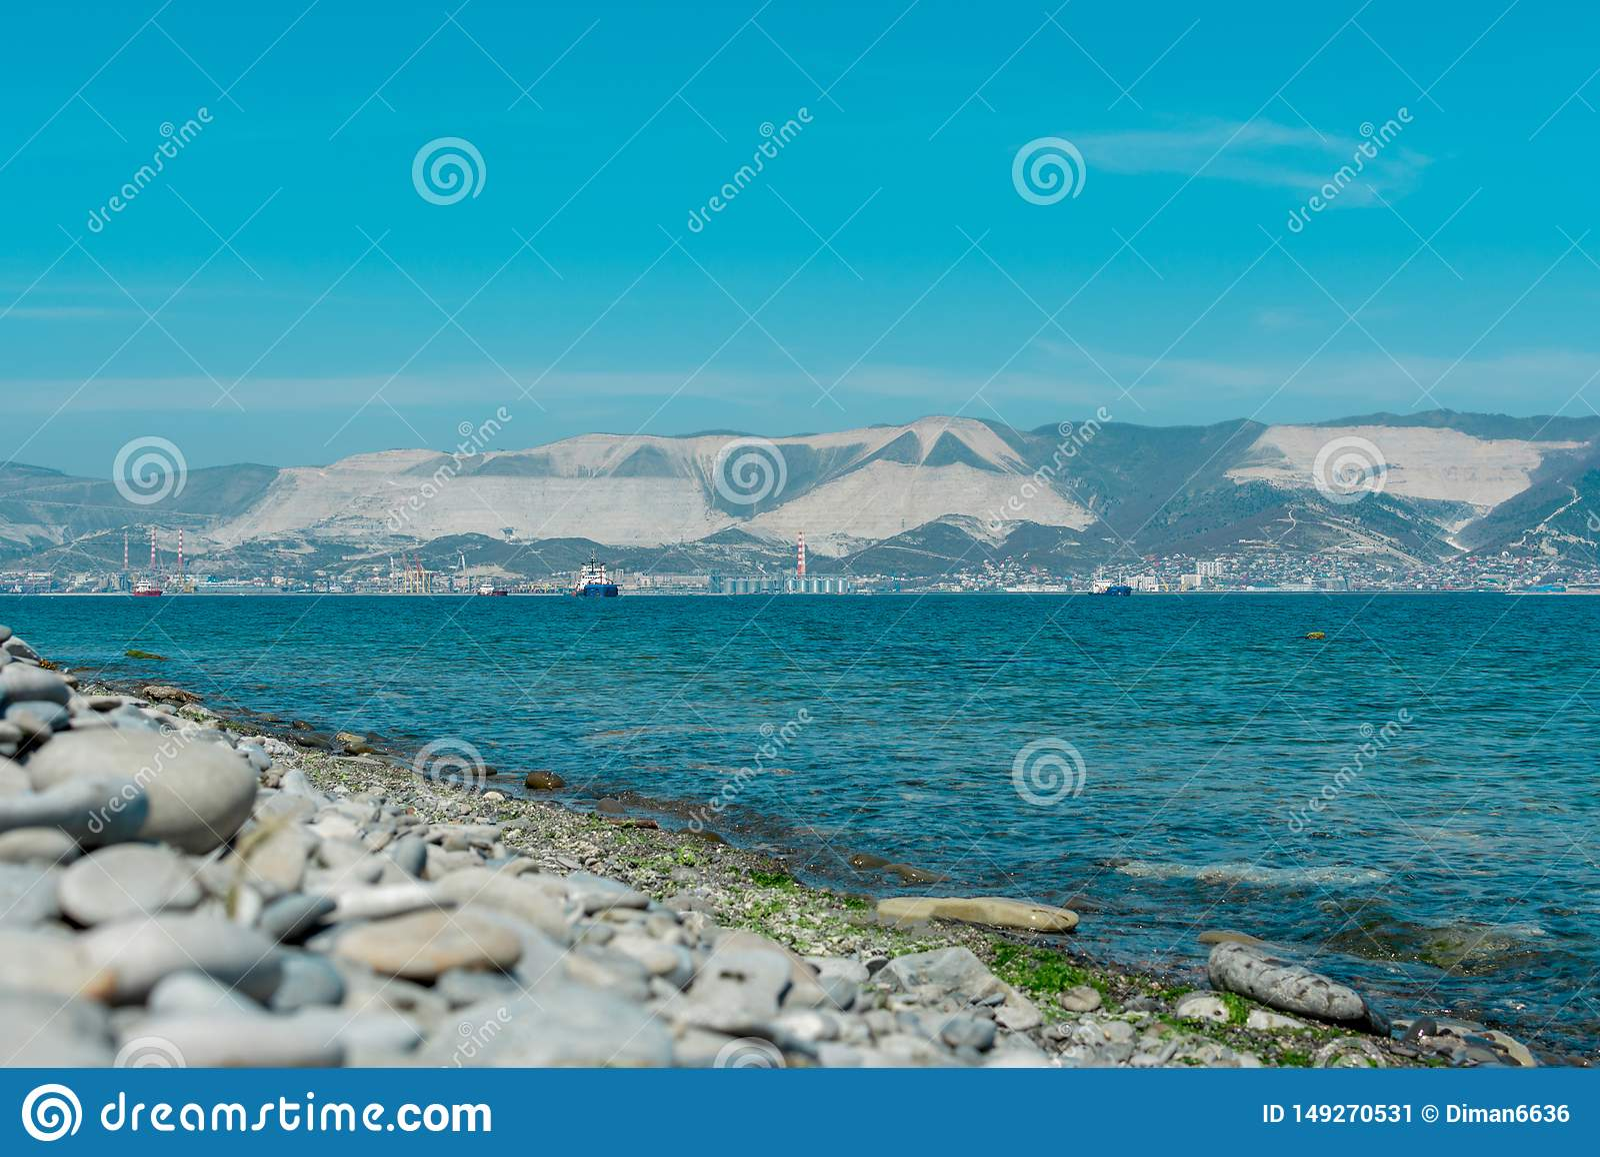 Pebble Beach an einem Sommertag, Berge und Meer auf dem Hintergrund, Hafen von Novorossiysk